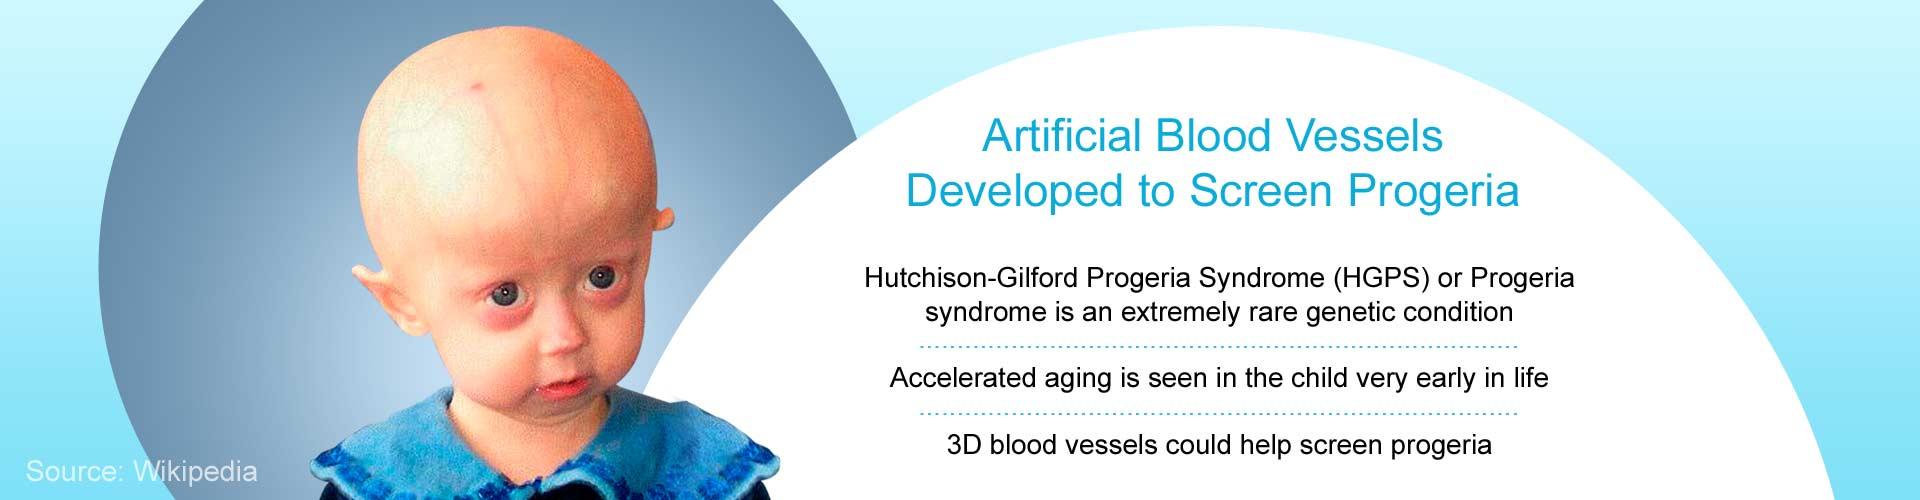 Blood Vessel Model Developed for Screening Drugs for Progeria